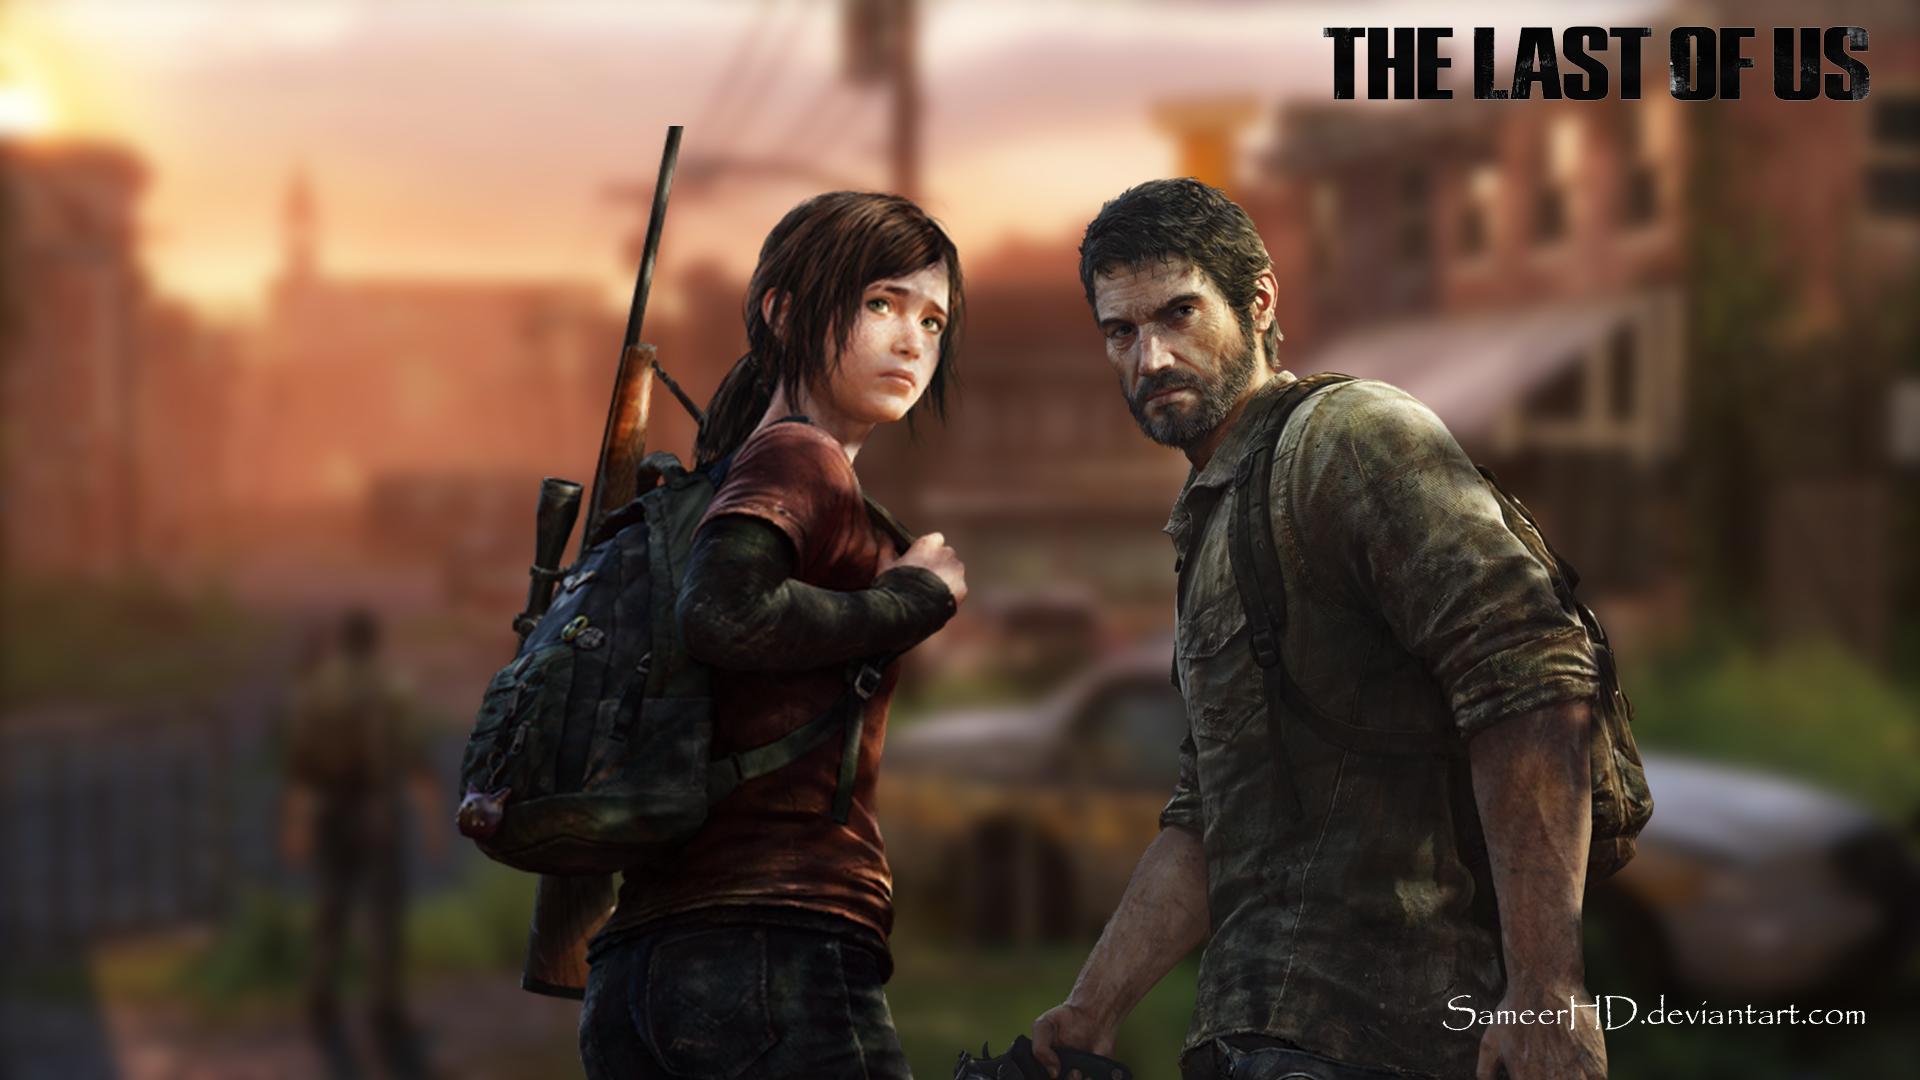 The Last Of Us Joel and Ellie Wallpaper by SameerHD 1920x1080